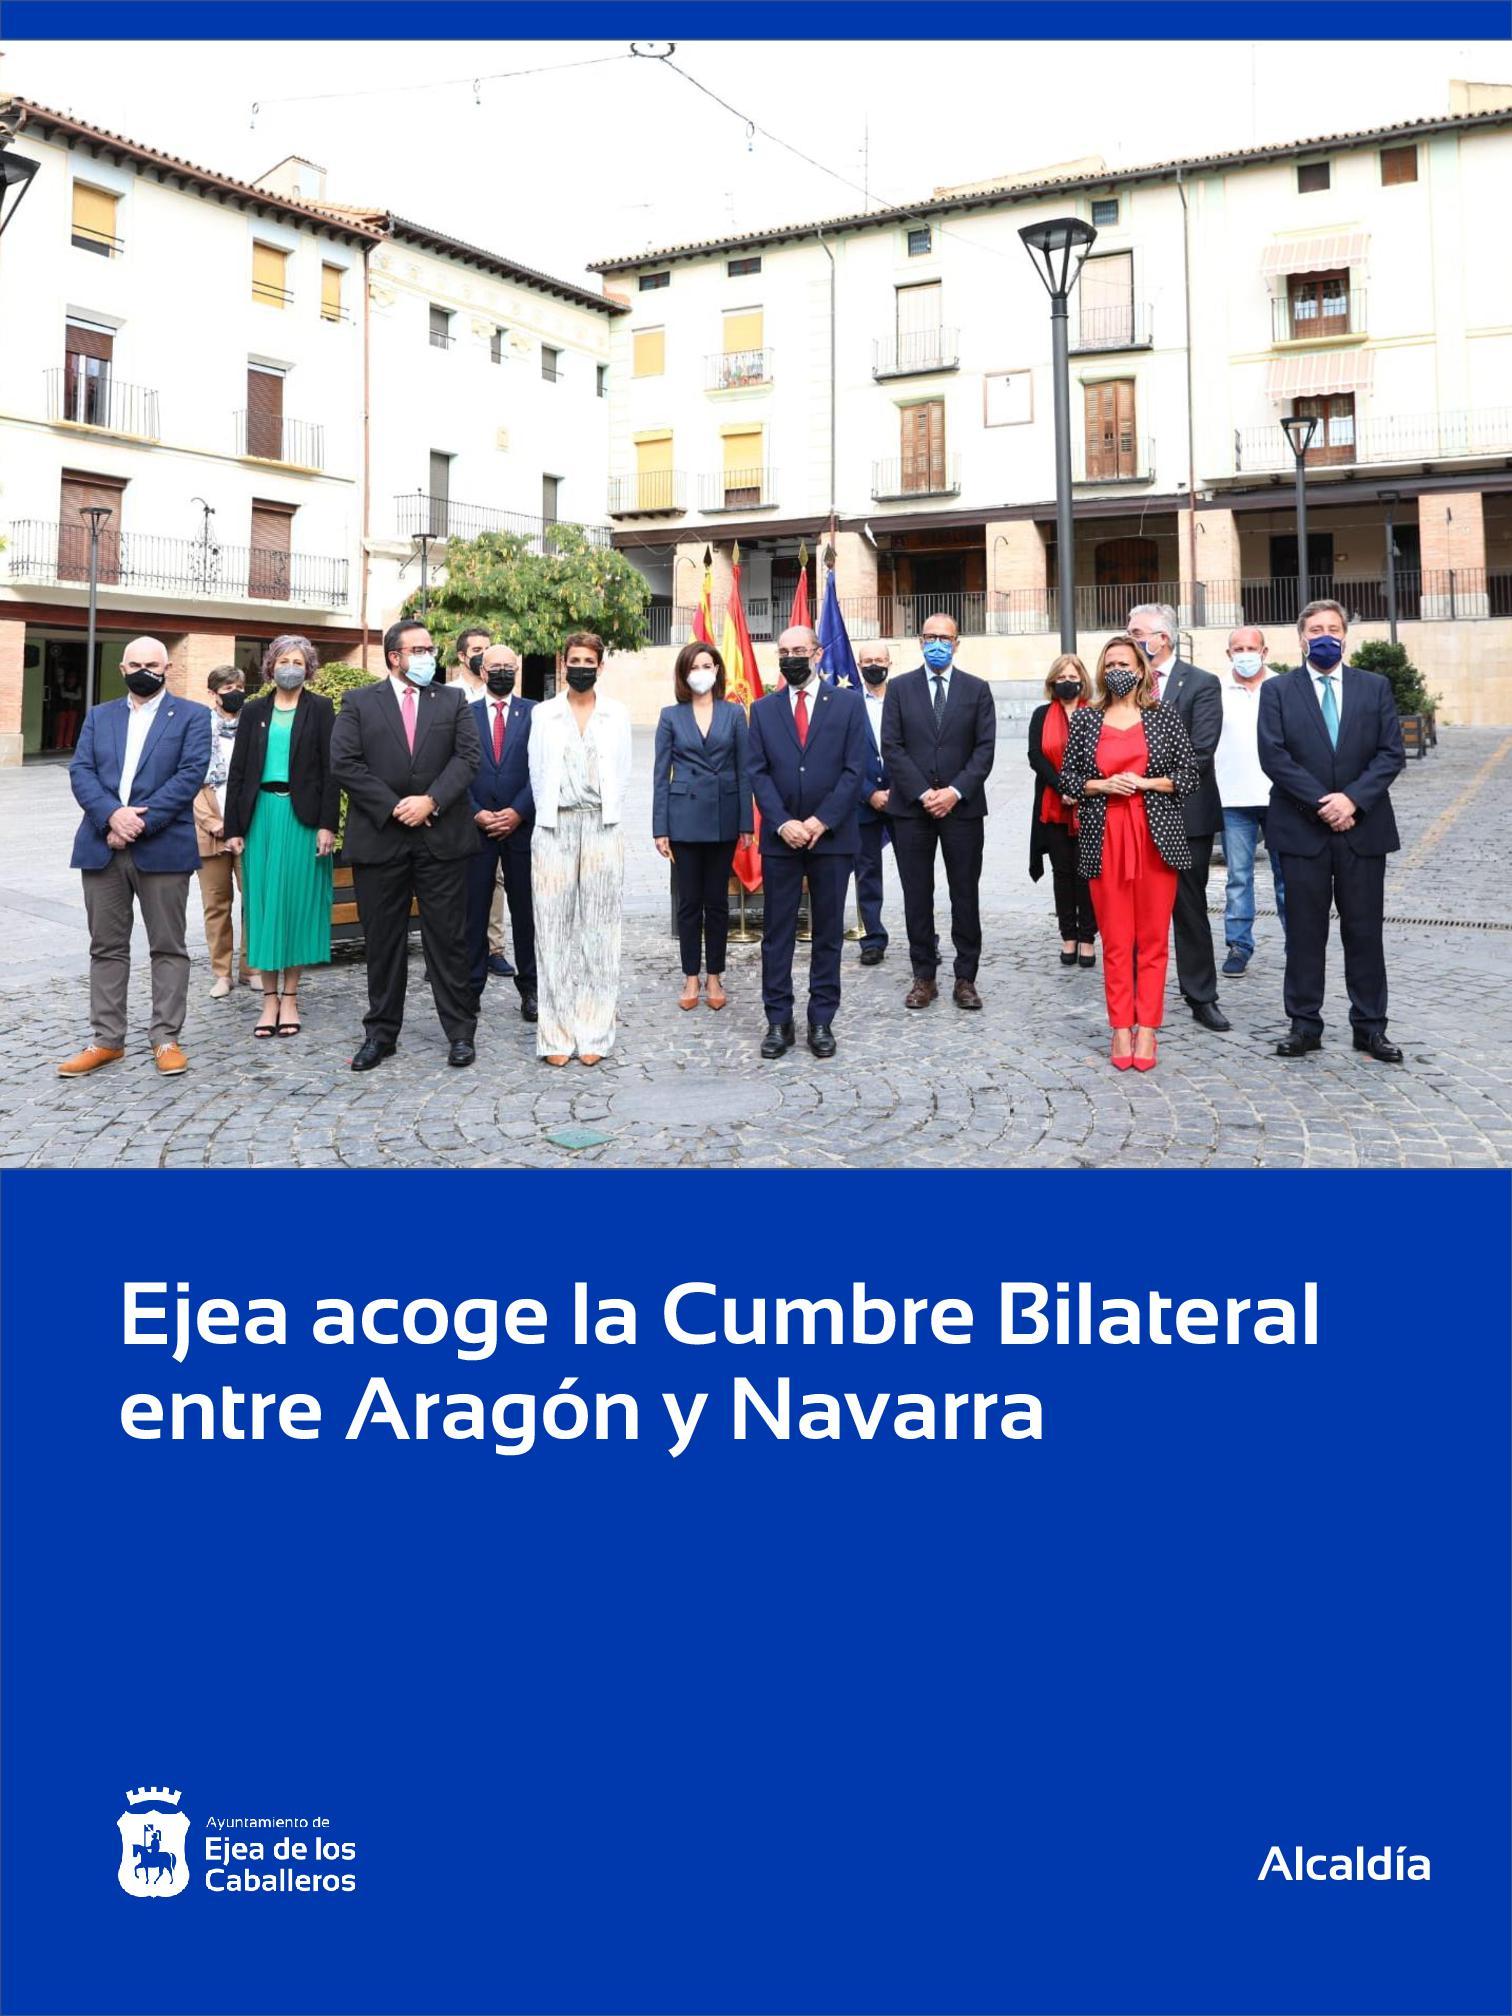 En este momento estás viendo Ejea de los Caballeros, sede de la Cumbre Bilateral entre Aragón y Navarra